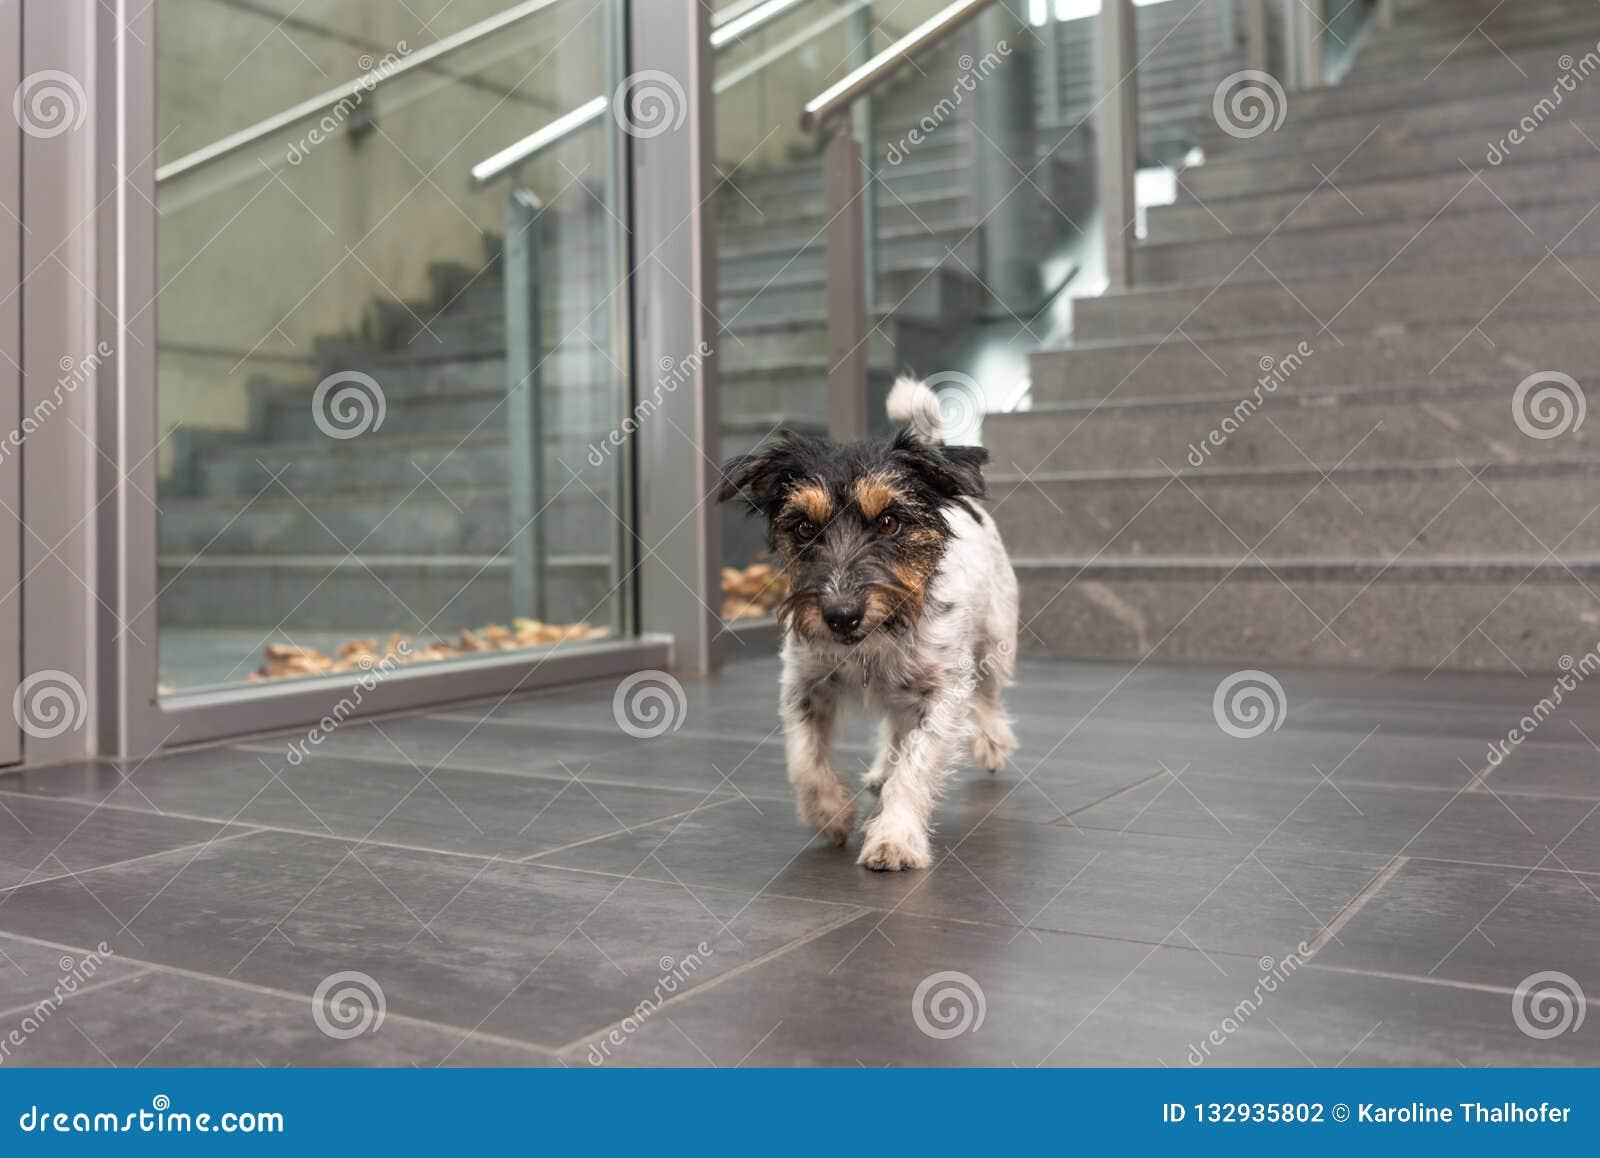 Jack Russell-Hundist, die in ein öffentliches Gebäude laufen